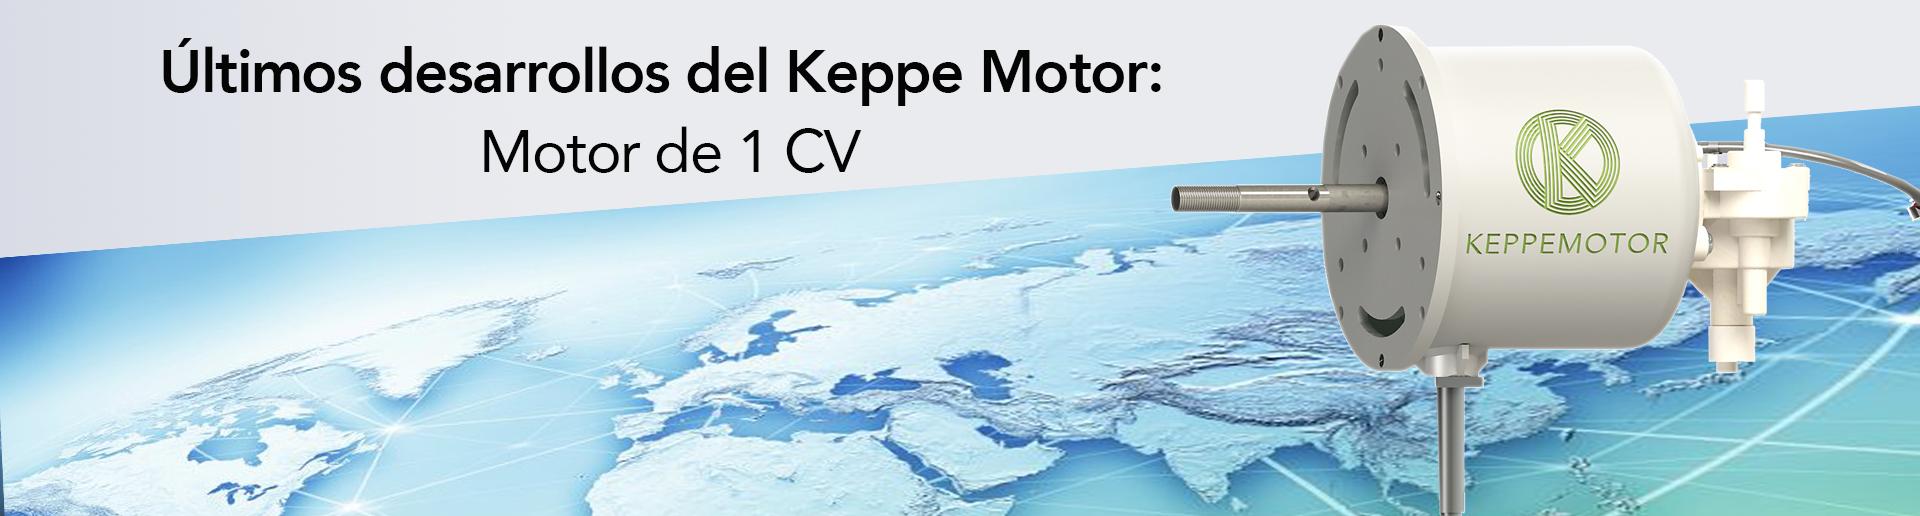 premio-keppe-motor-2016-3-es